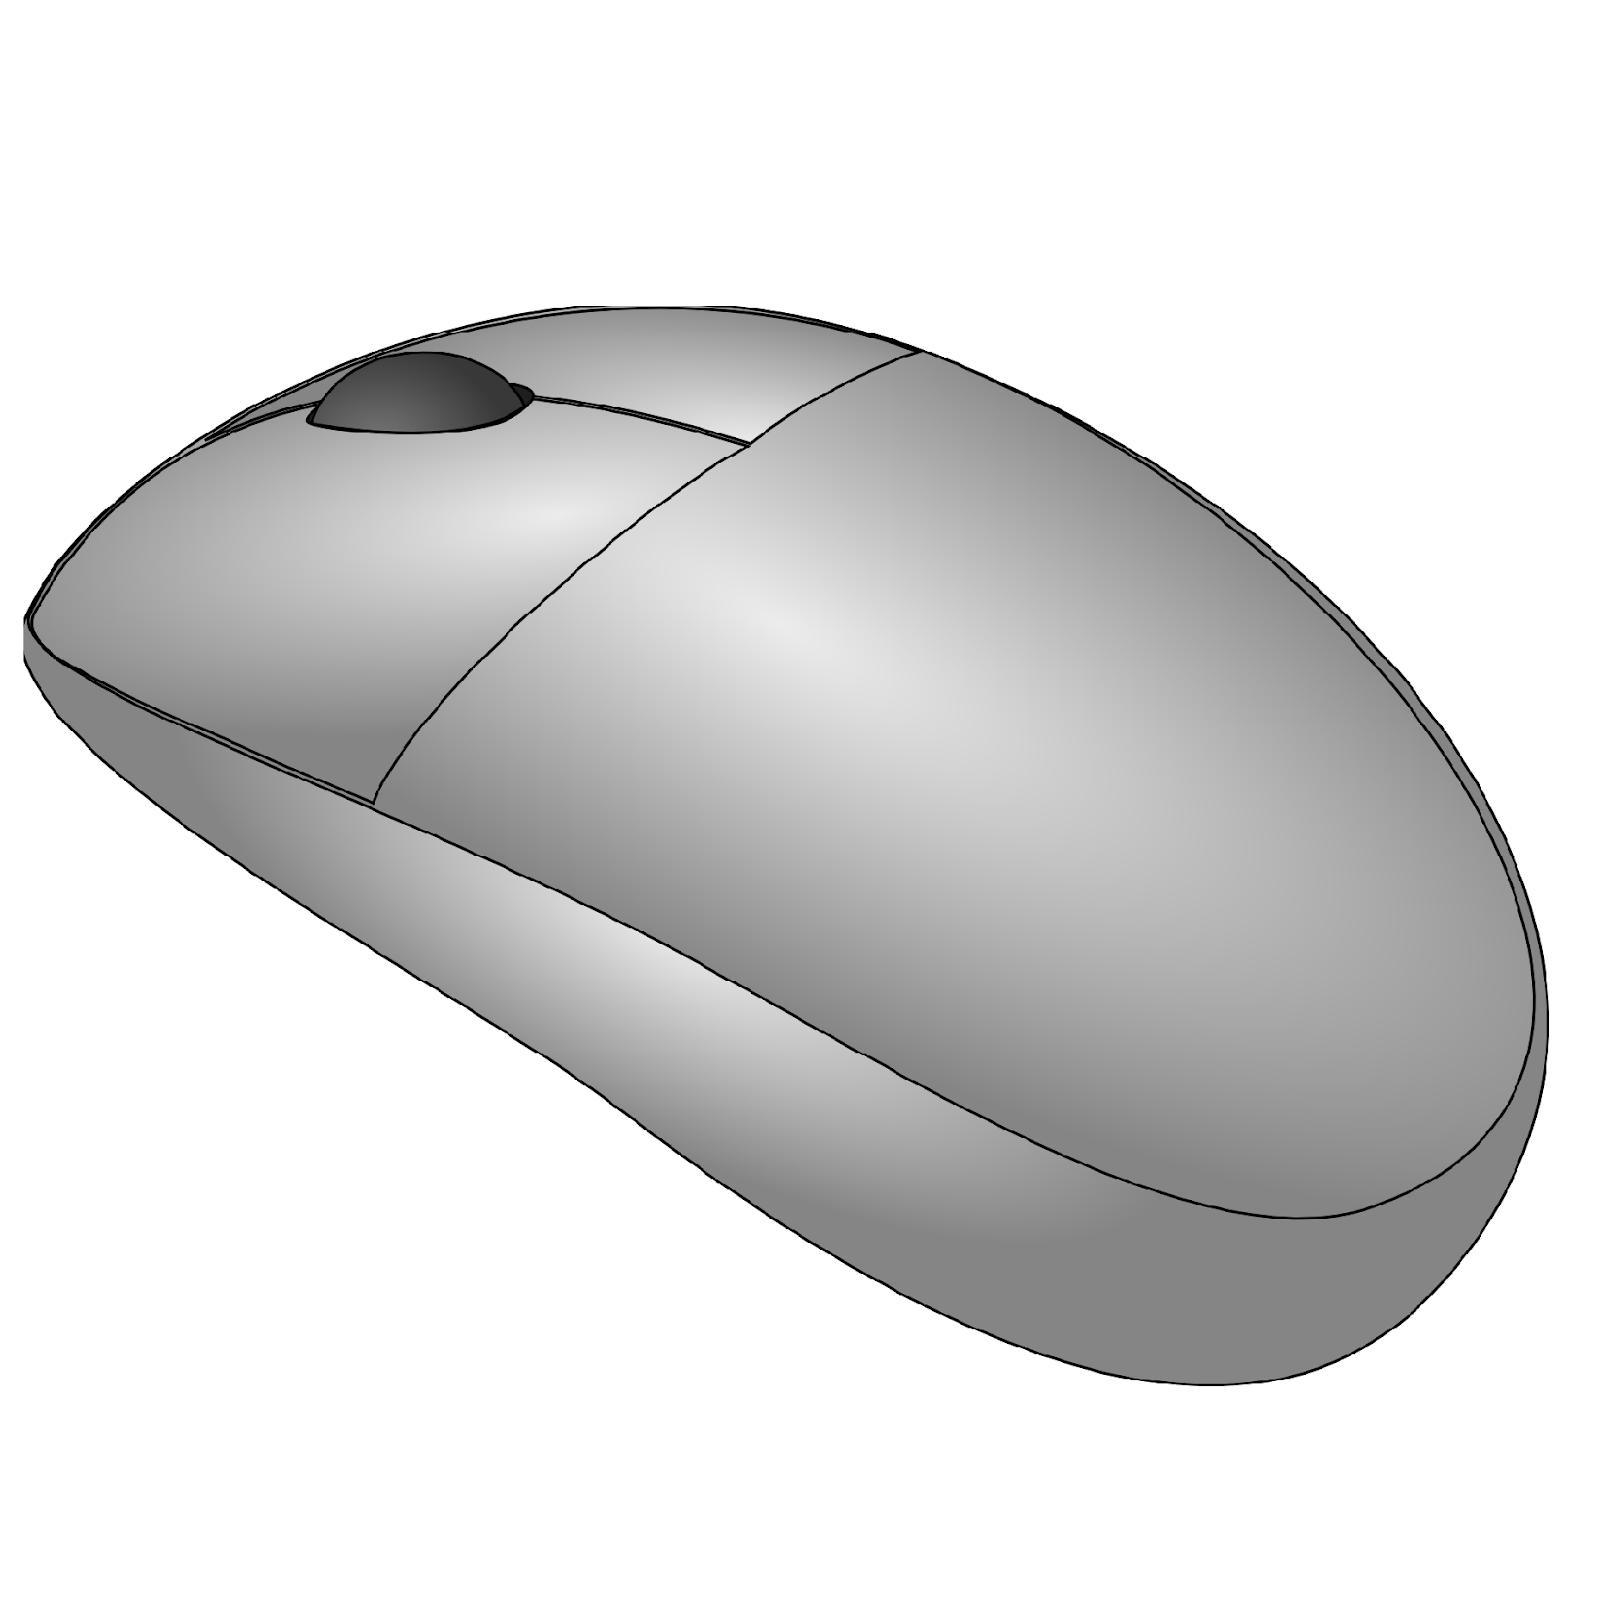 Картинка мышка компьютерная для детей